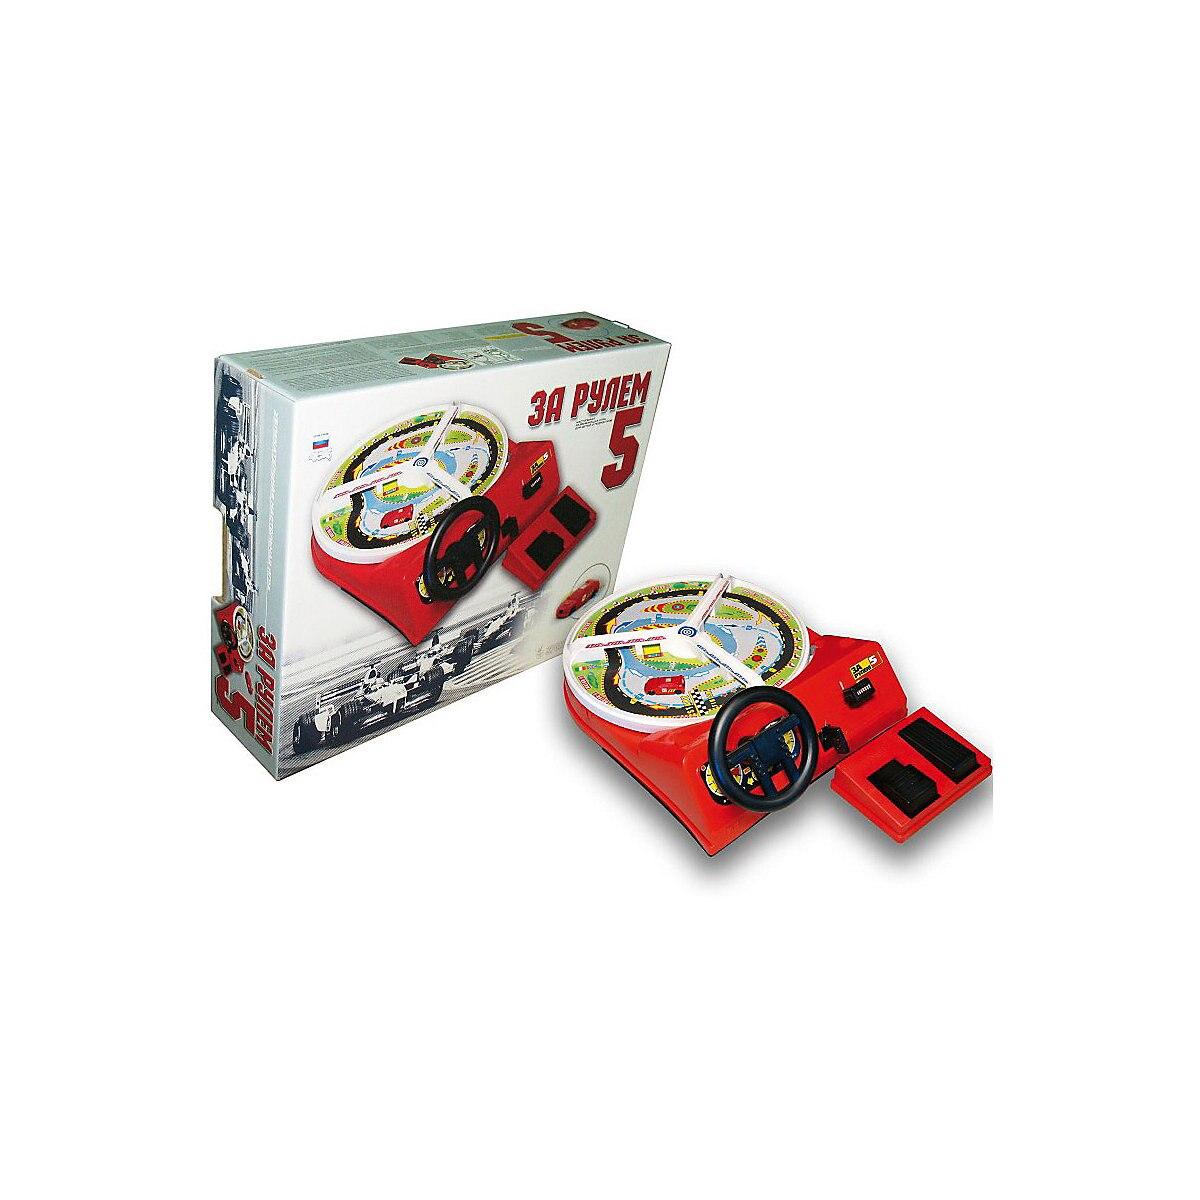 Game Room omskiy zavod elektrotovarov 7377658 giocattoli gioco da tavolo per bambini giochi educativi roomfor delle ragazze dei ragazzi